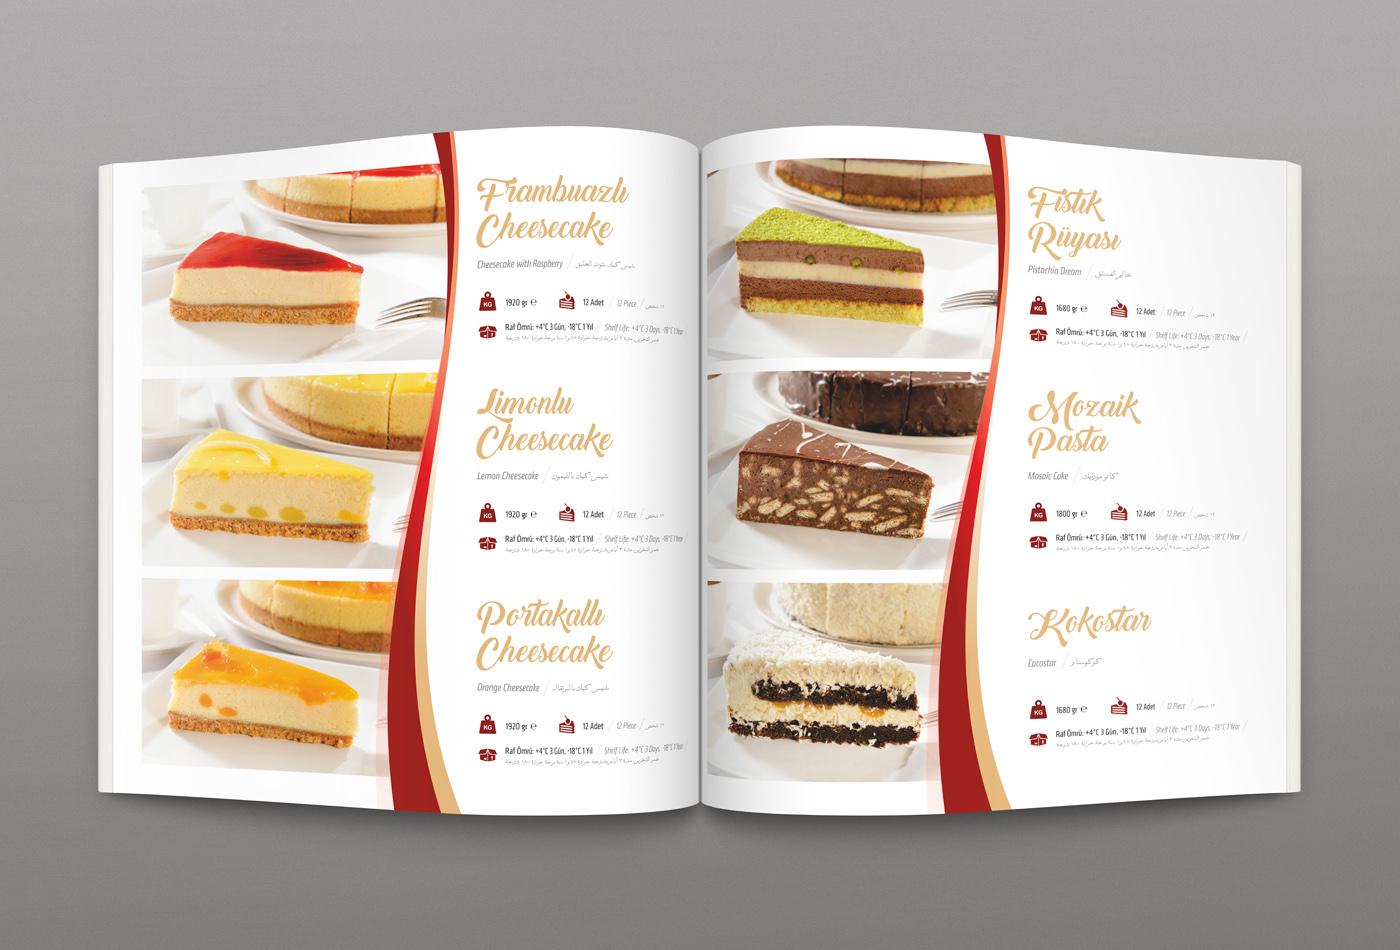 amerikan baskı cilt hizmet katalog kurgu ofset öztürk gıda tasarım ürün